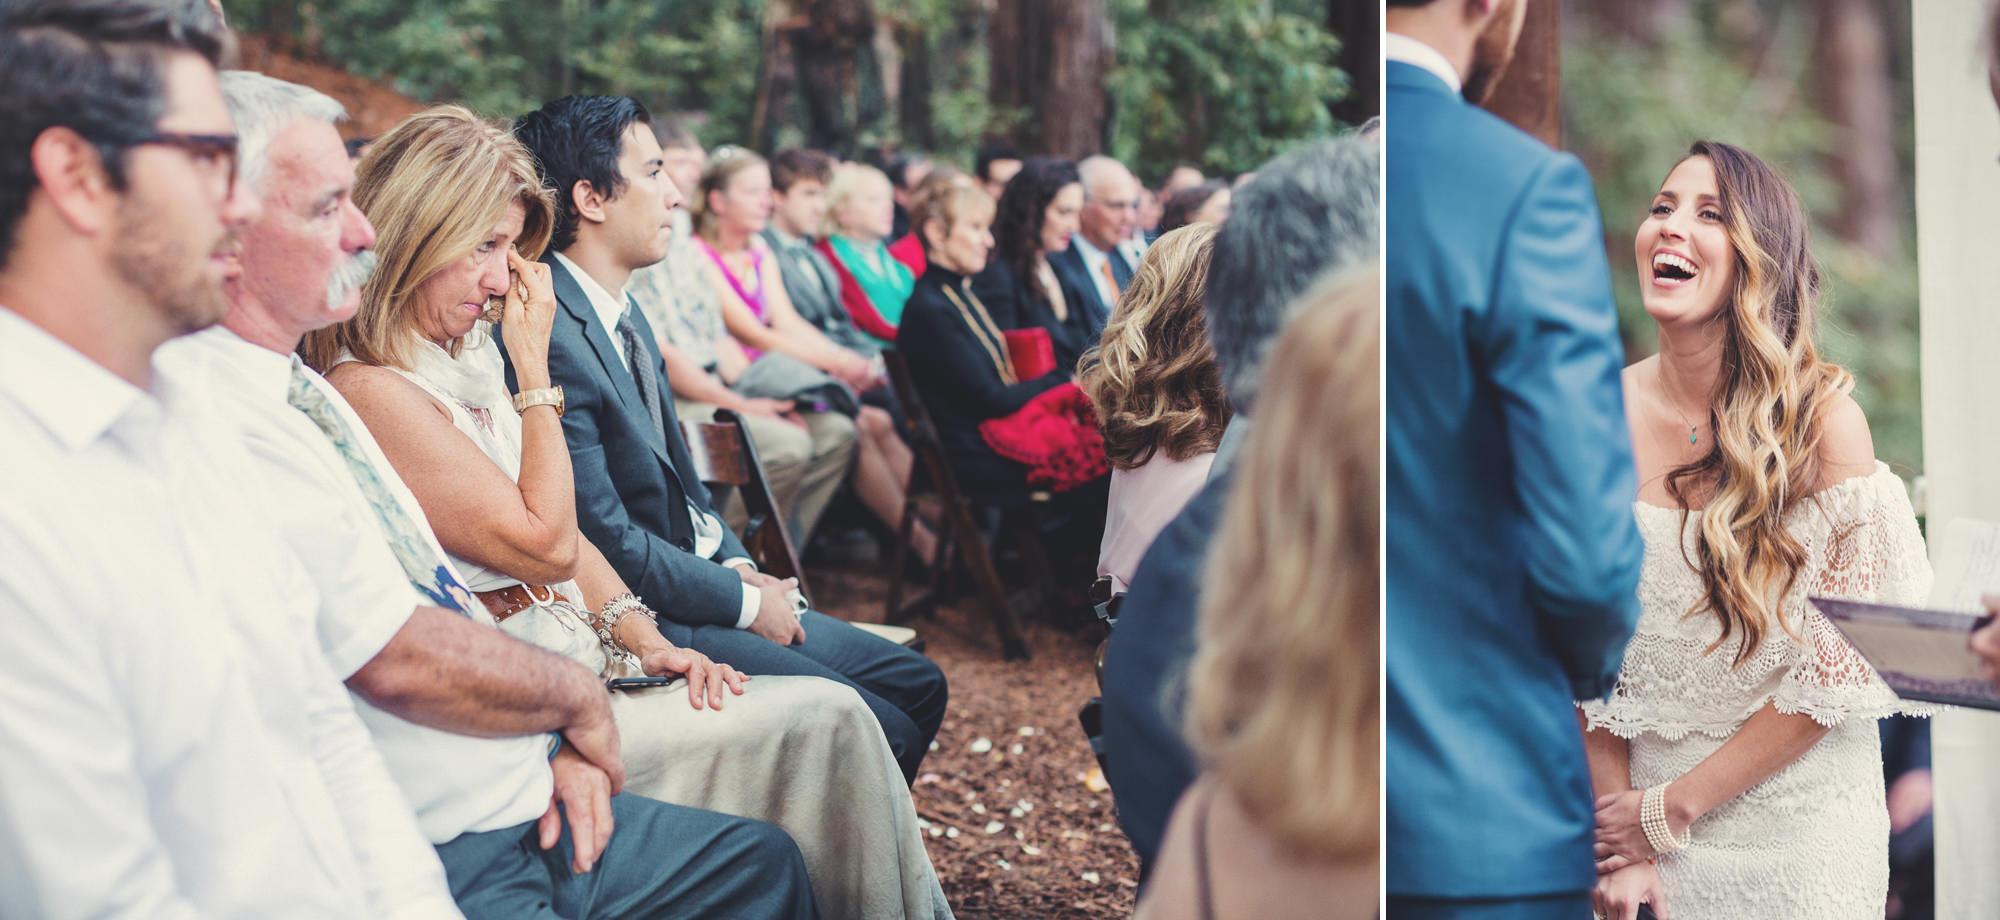 Sequoia Retreat Center Wedding@Anne-Claire Brun 71